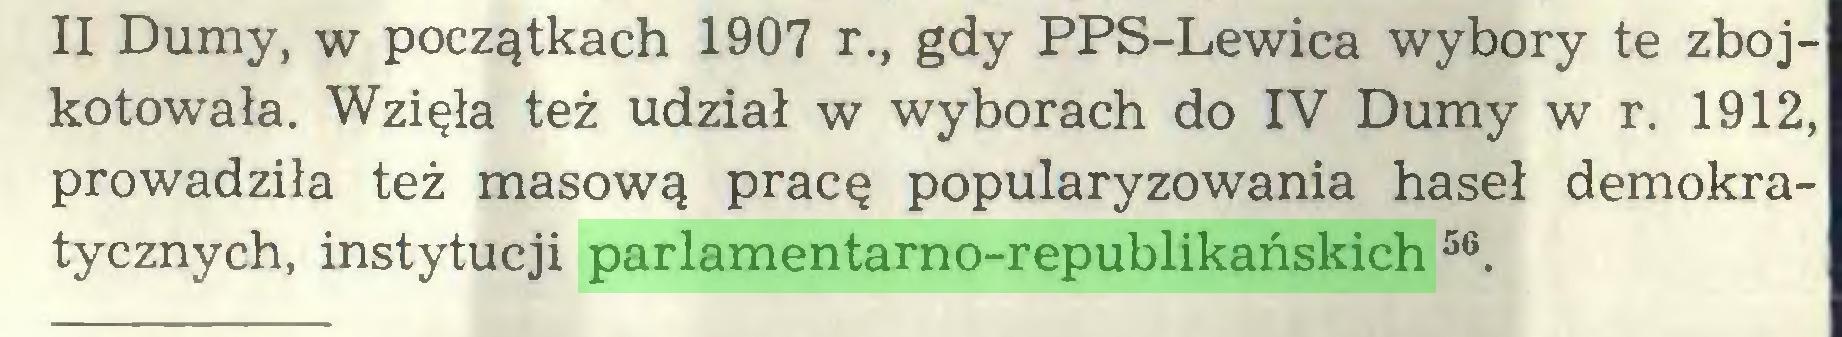 (...) II Dumy, w początkach 1907 r., gdy PPS-Lewica wybory te zbojkotowała. Wzięła też udział w wyborach do IV Dumy w r. 1912, prowadziła też masową pracę popularyzowania haseł demokratycznych, instytucji parlamentarno-republikańskich 56...